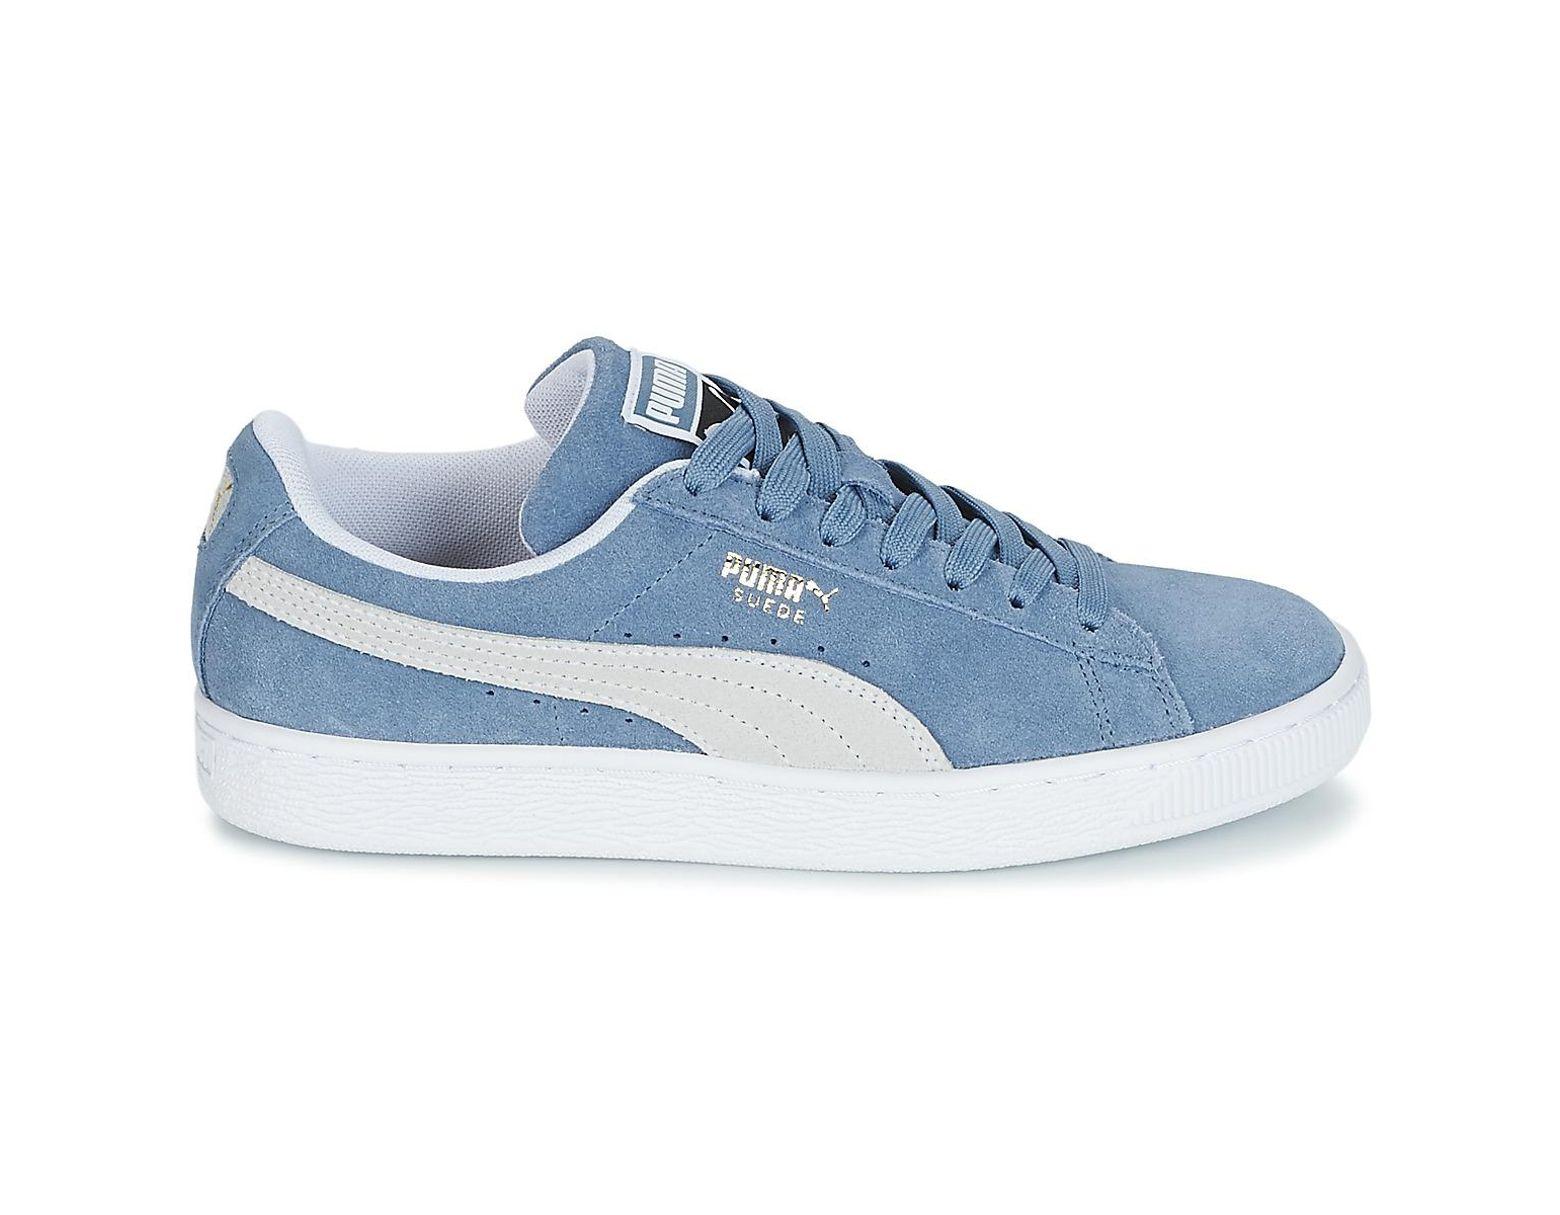 nouveau produit 09a45 de378 SUEDE CLASSIC femmes Chaussures en bleu